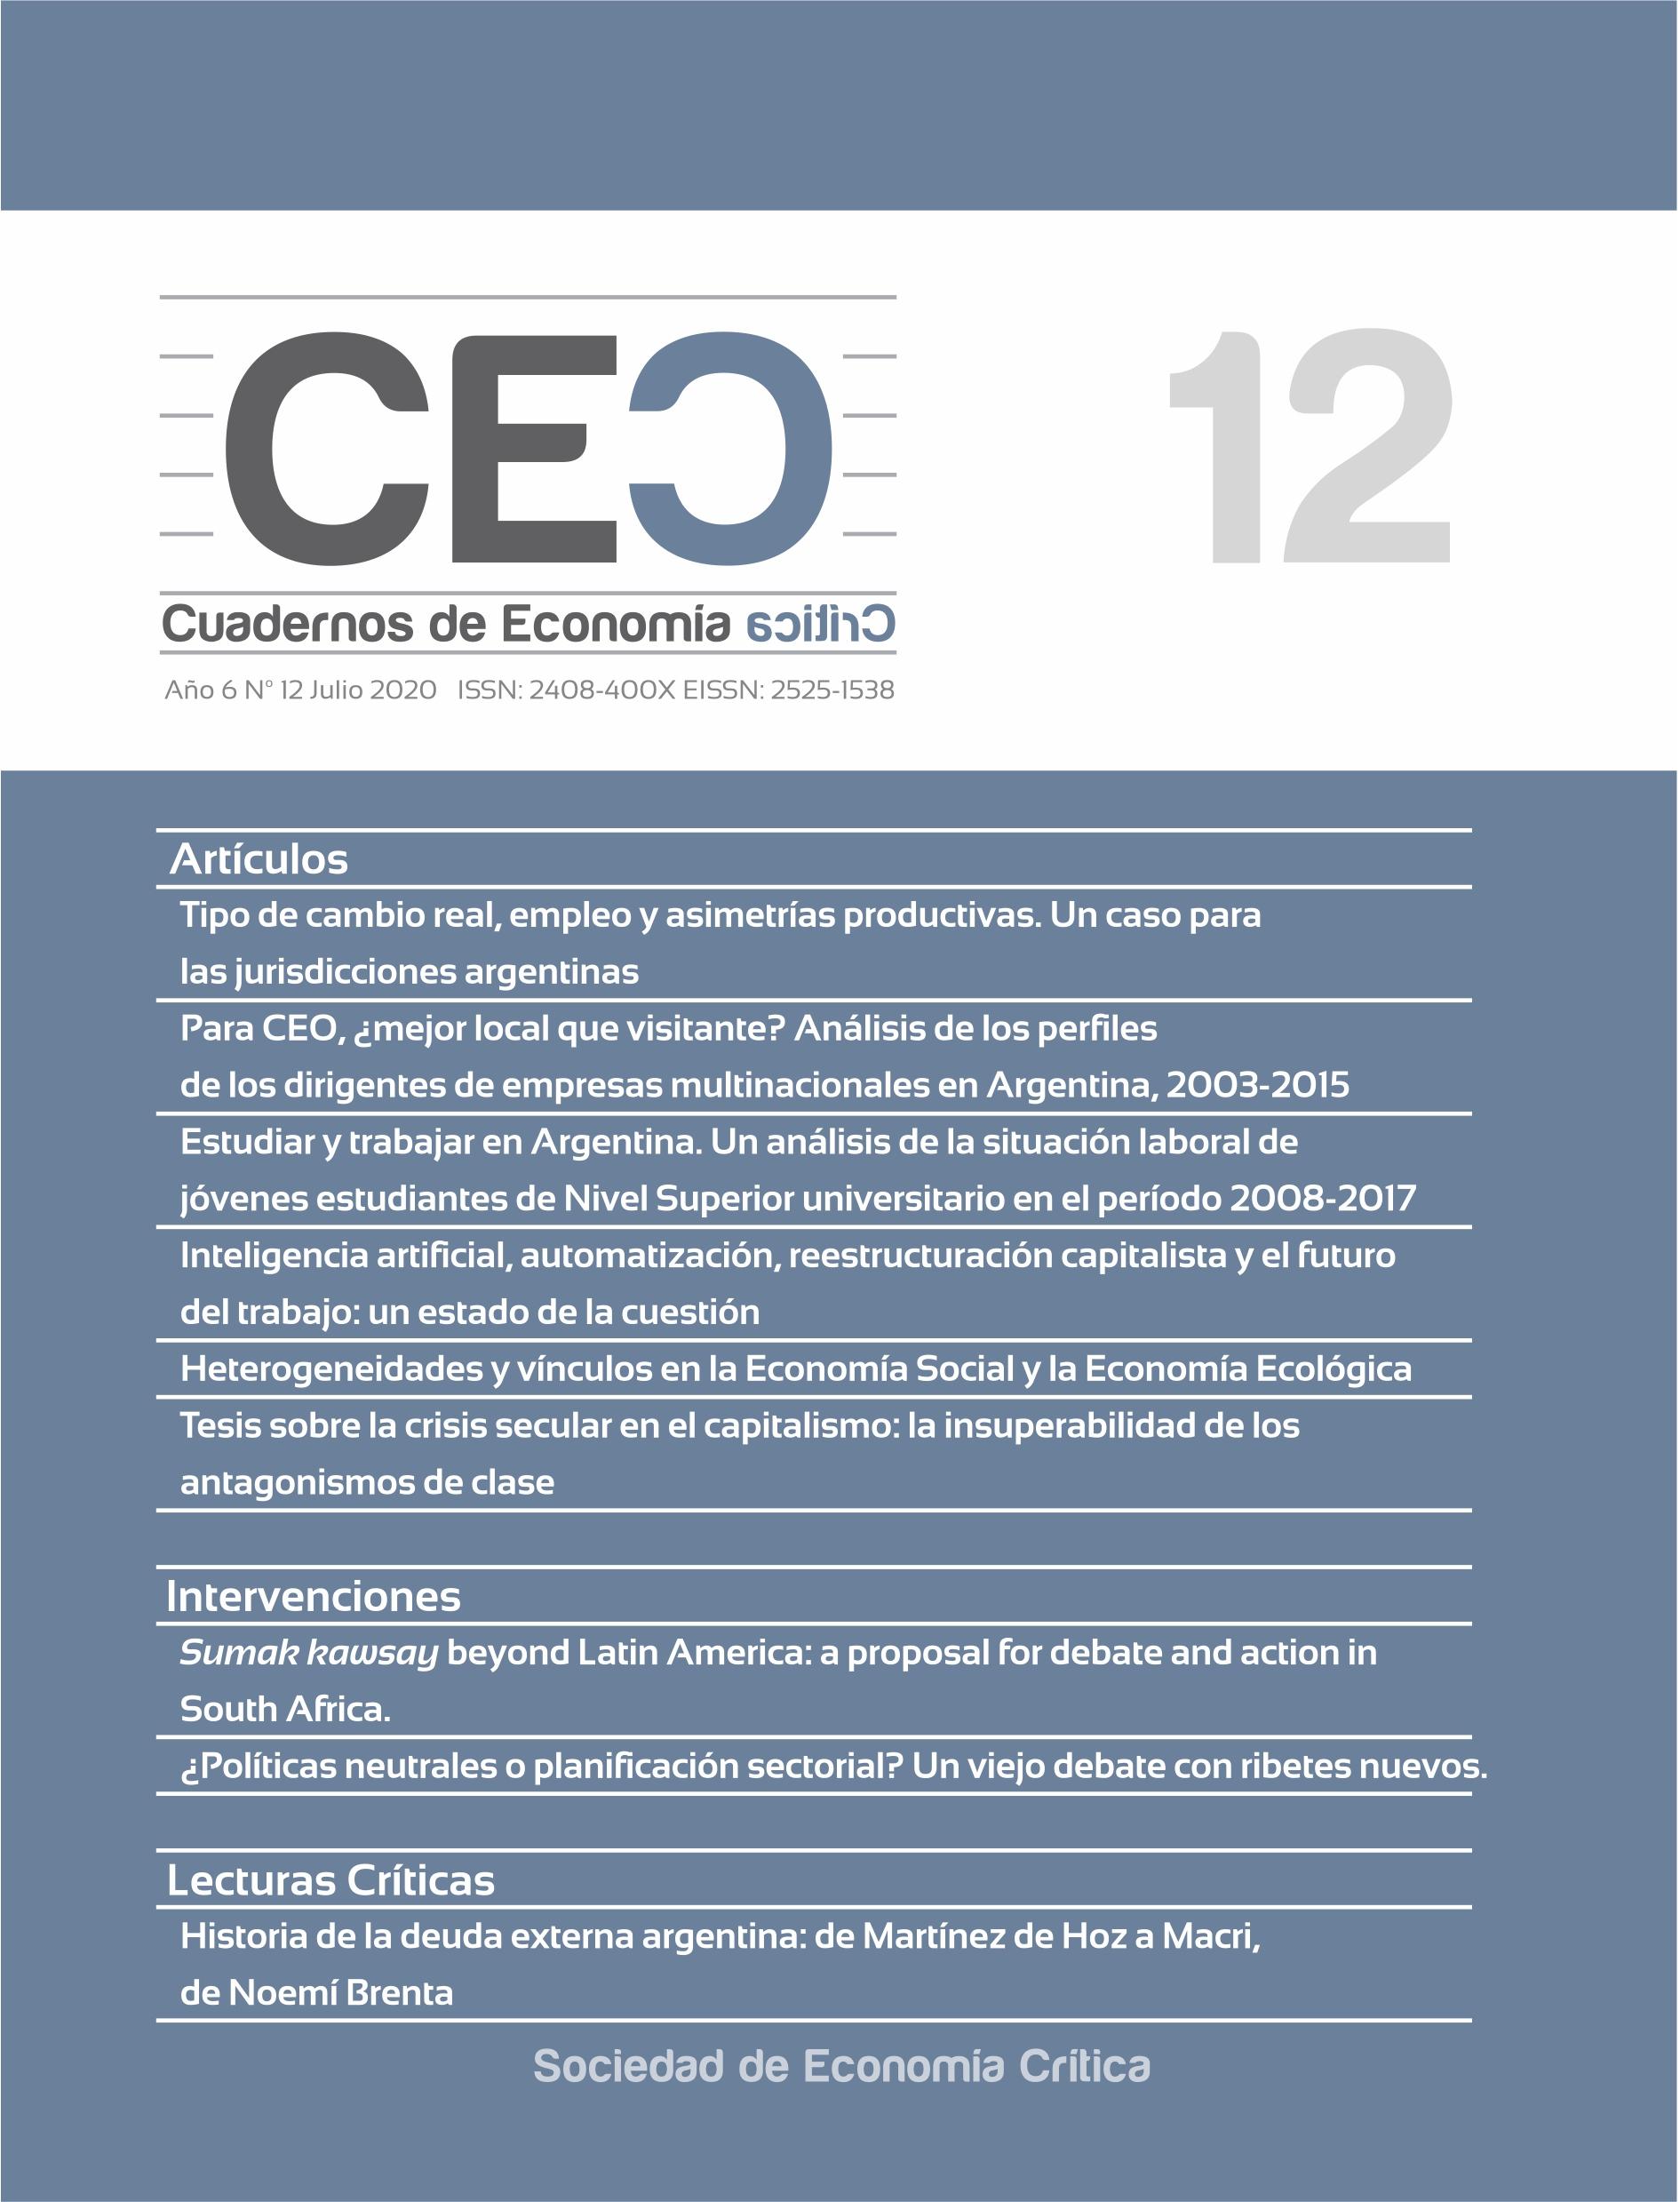 CEC 12